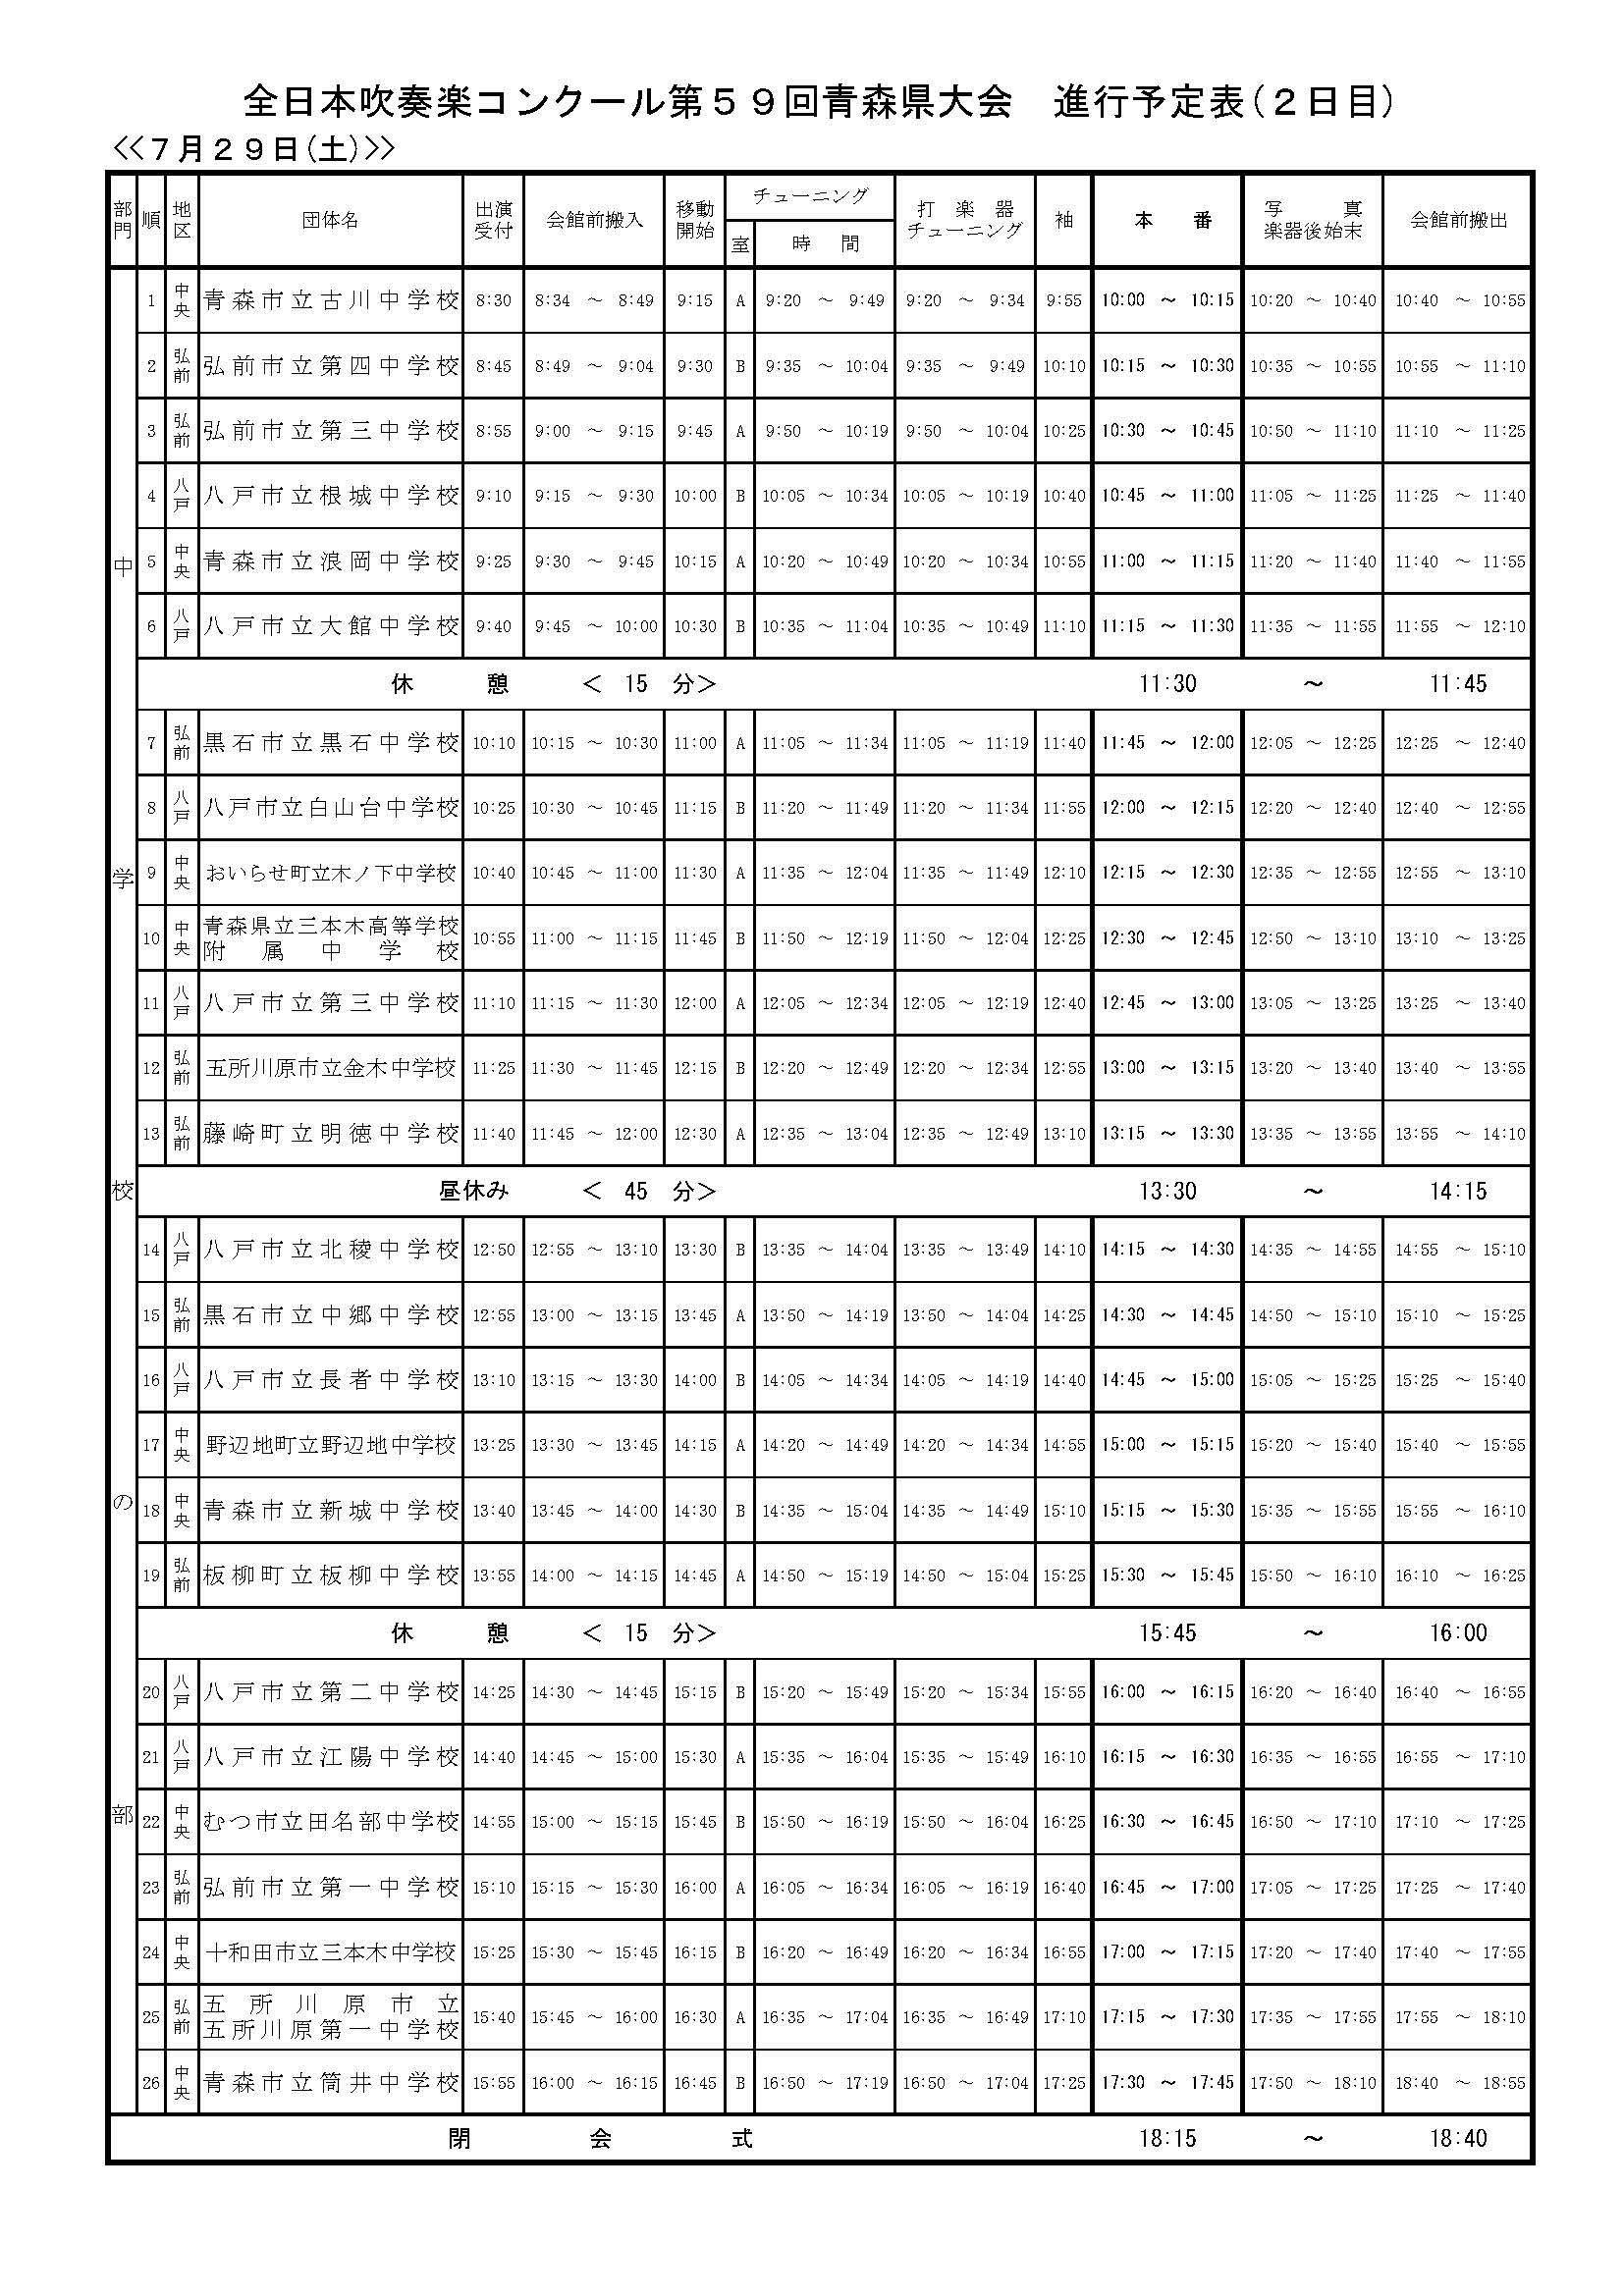 2017吹奏楽コンクール県大会 タイムテーブル_c0005988_18462657.jpg